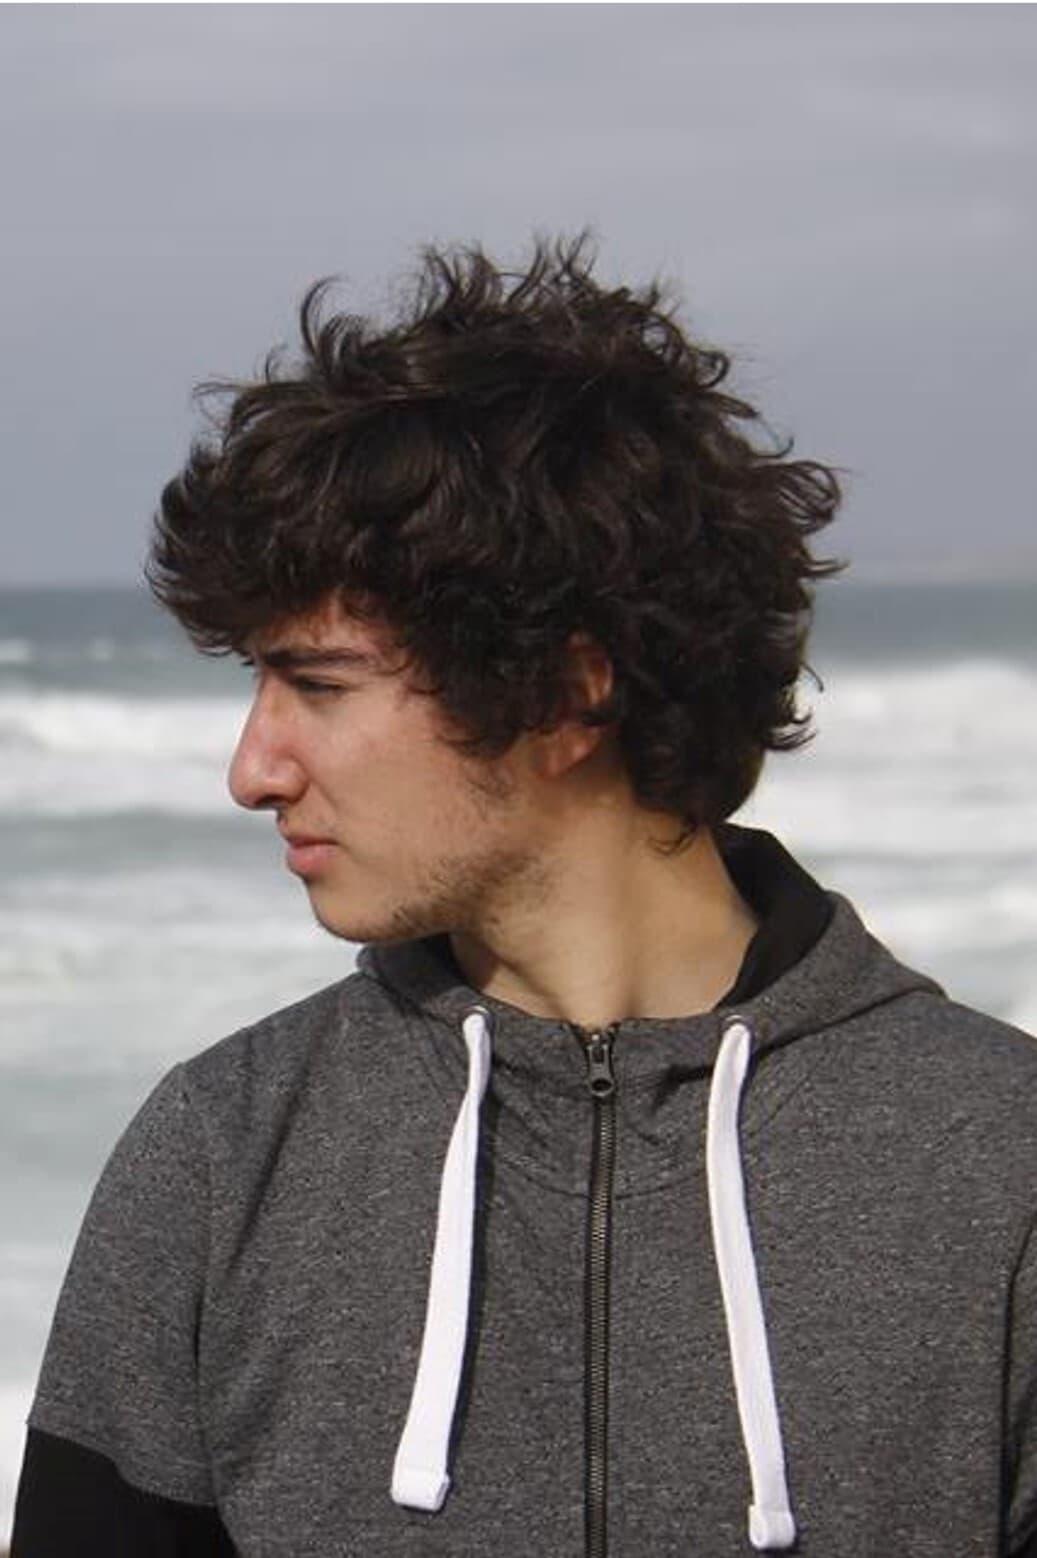 Alexandre Miguel Silva